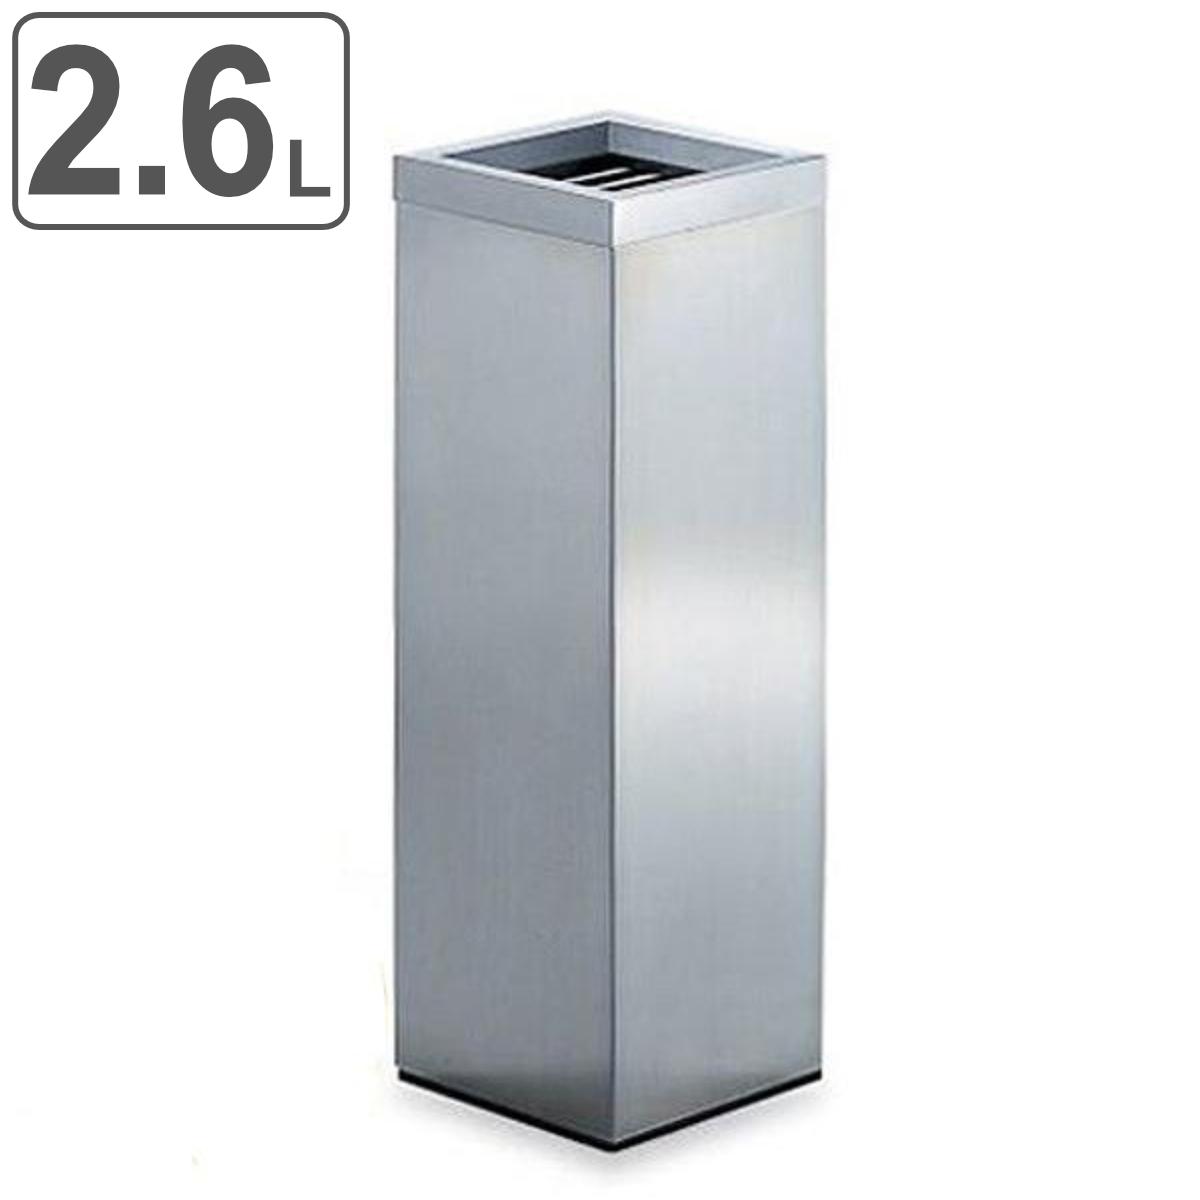 灰皿 スタンド角型 ステンレス製 2.6L SK-020 ( 送料無料 スモーキングスタンド 吸いがら入れ ) 【5000円以上送料無料】